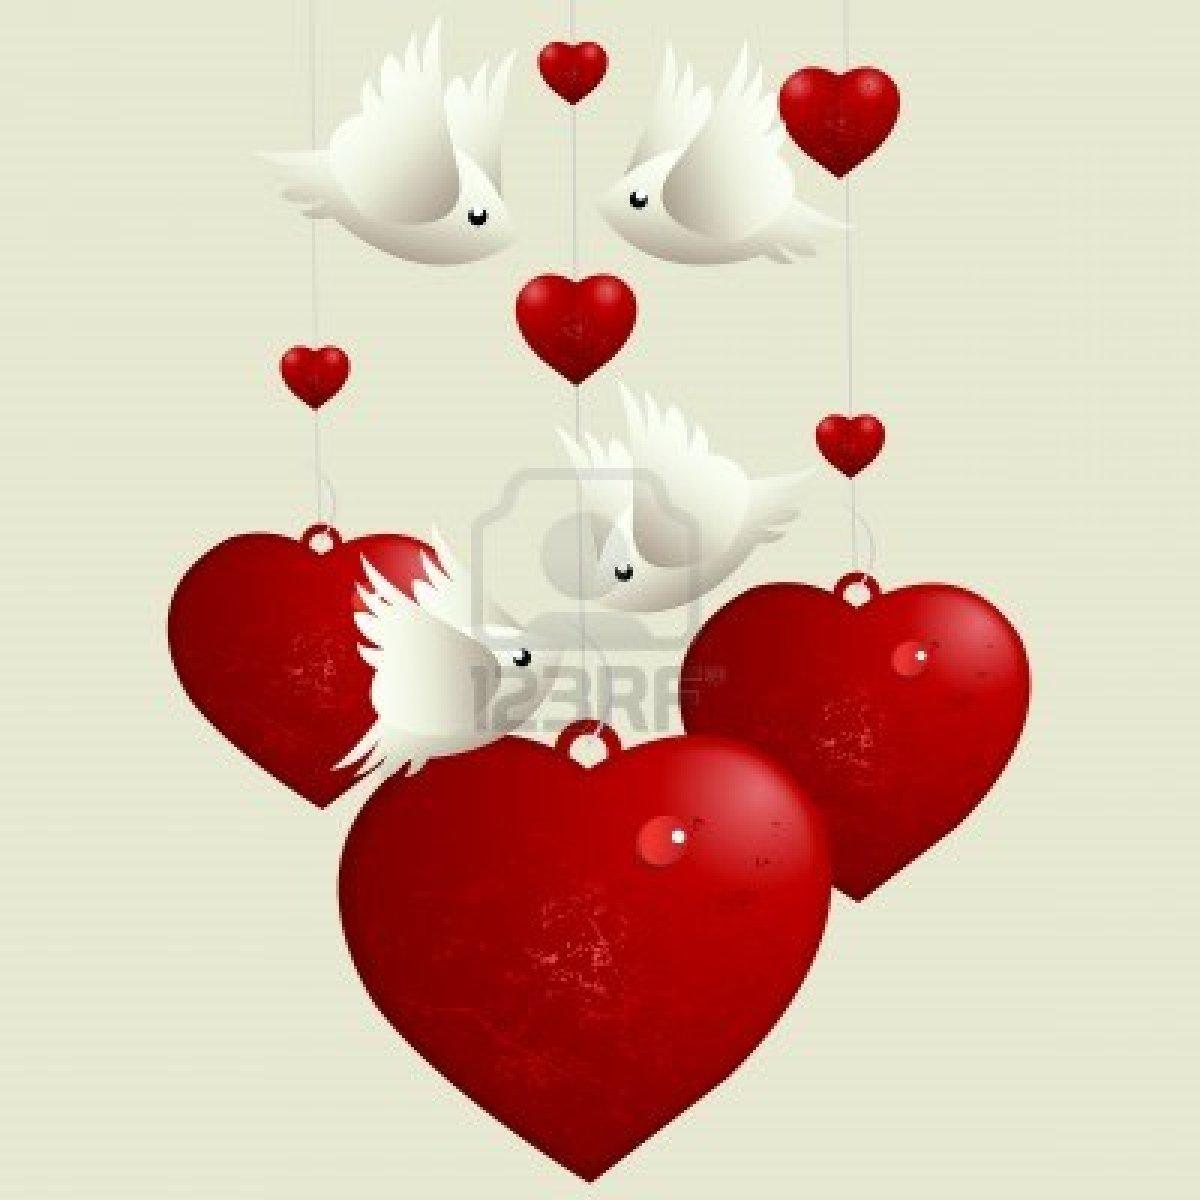 صورة قلوب الحب متحركة 12543